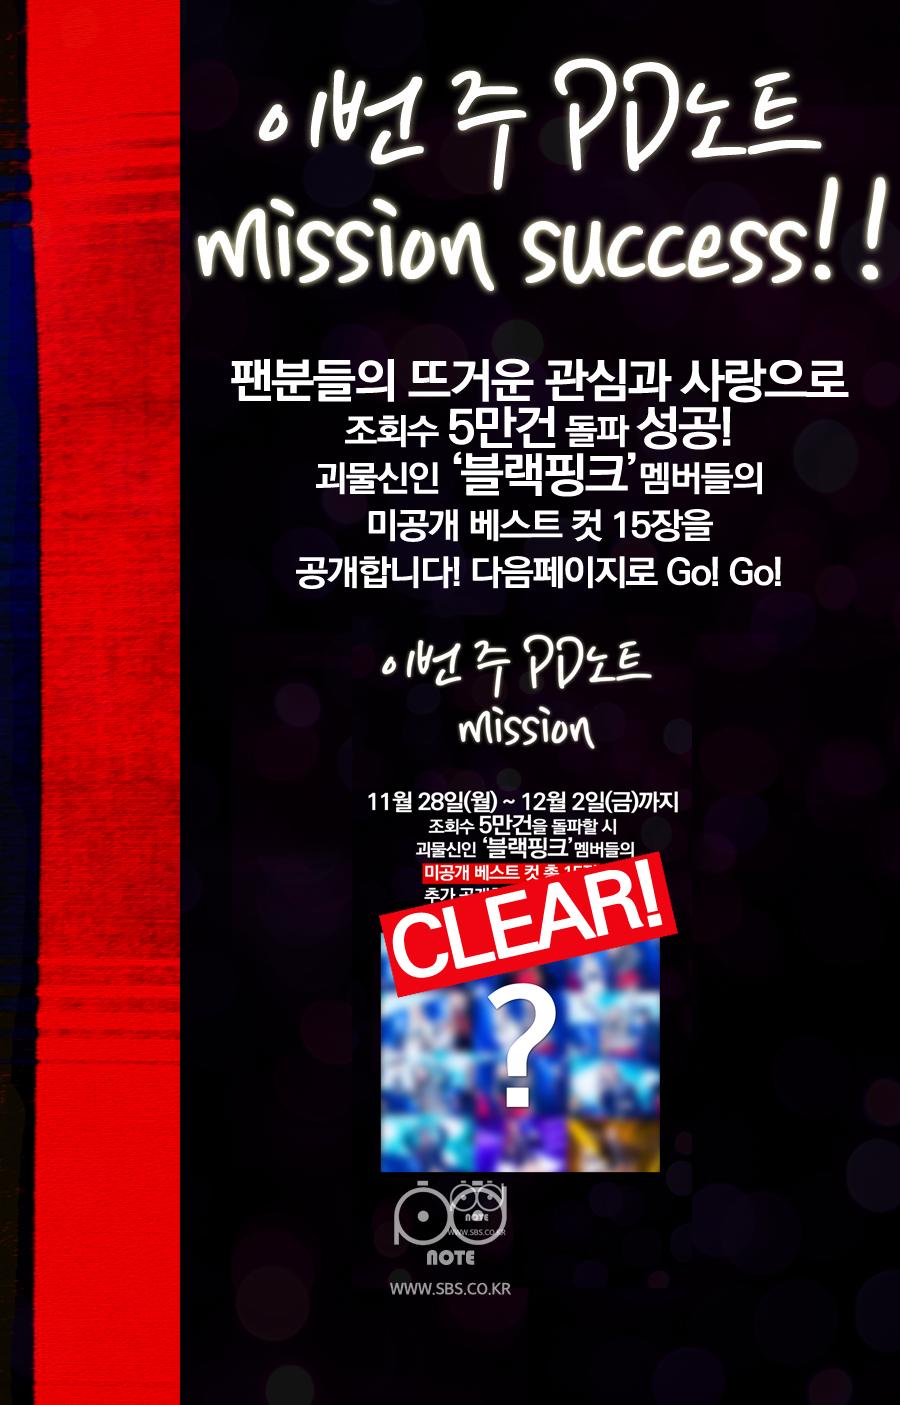 팬분들의뜨거운관심과사랑으로조회수5만건돌파성공블랙핑크의미공개포토15장을공개합니다.